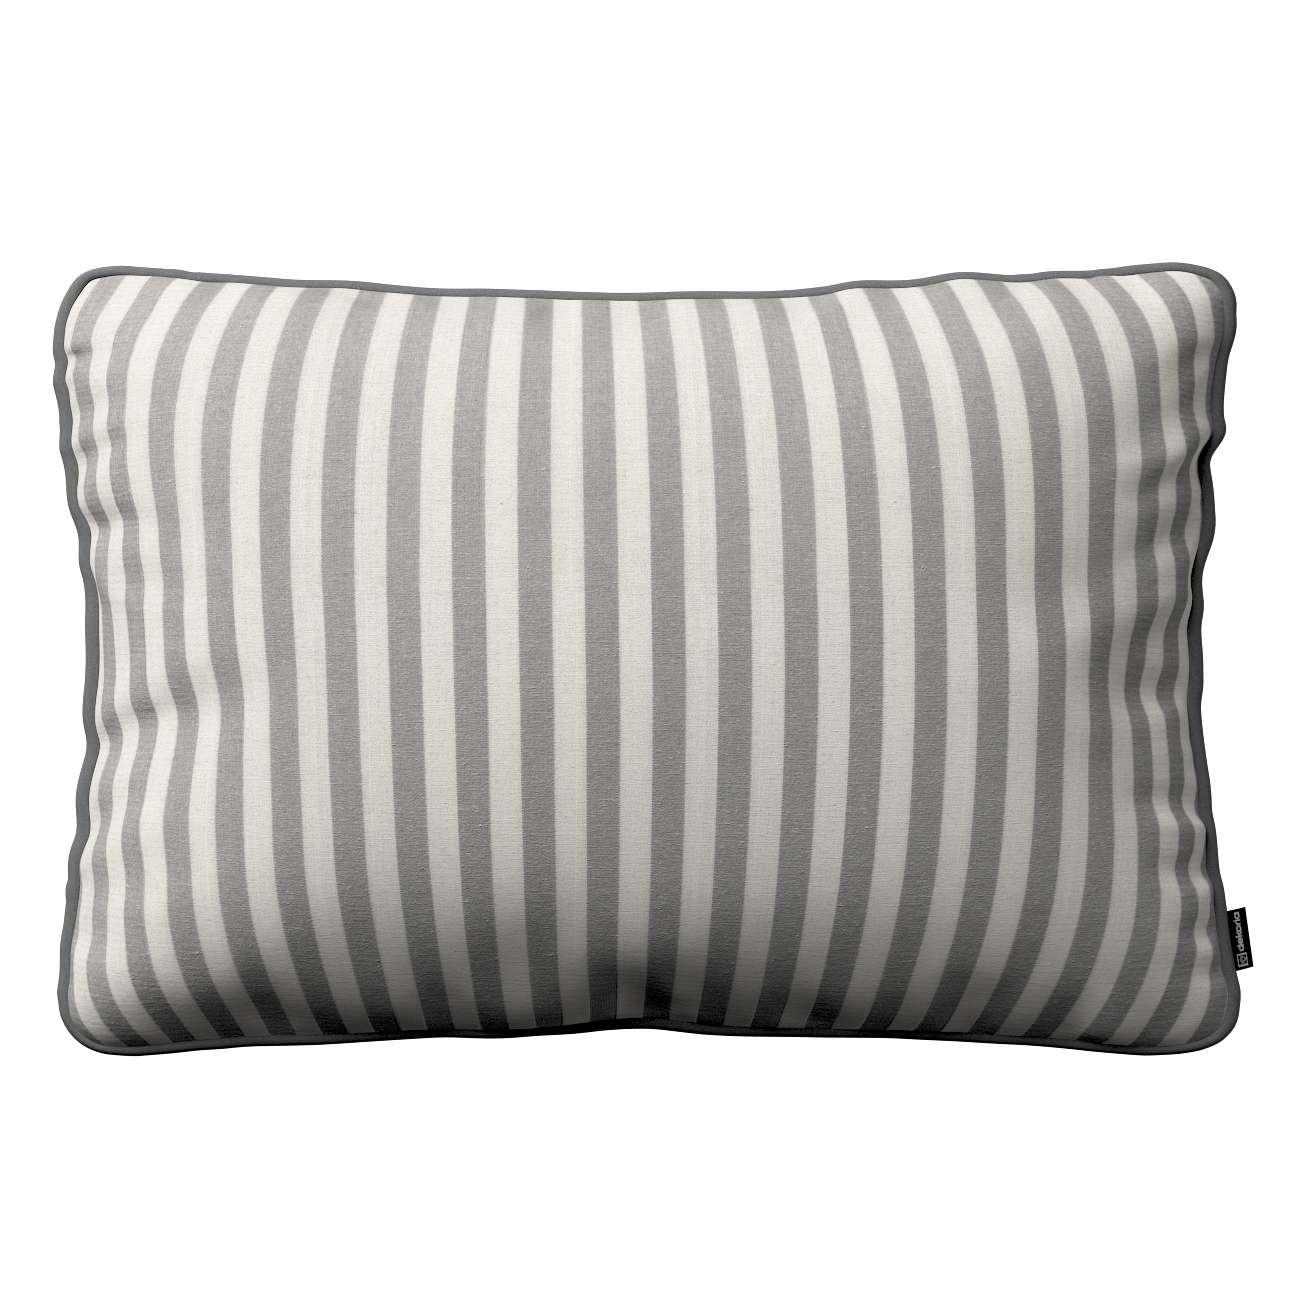 Poszewka Gabi na poduszkę prostokątna 60 x 40 cm w kolekcji Quadro, tkanina: 136-12